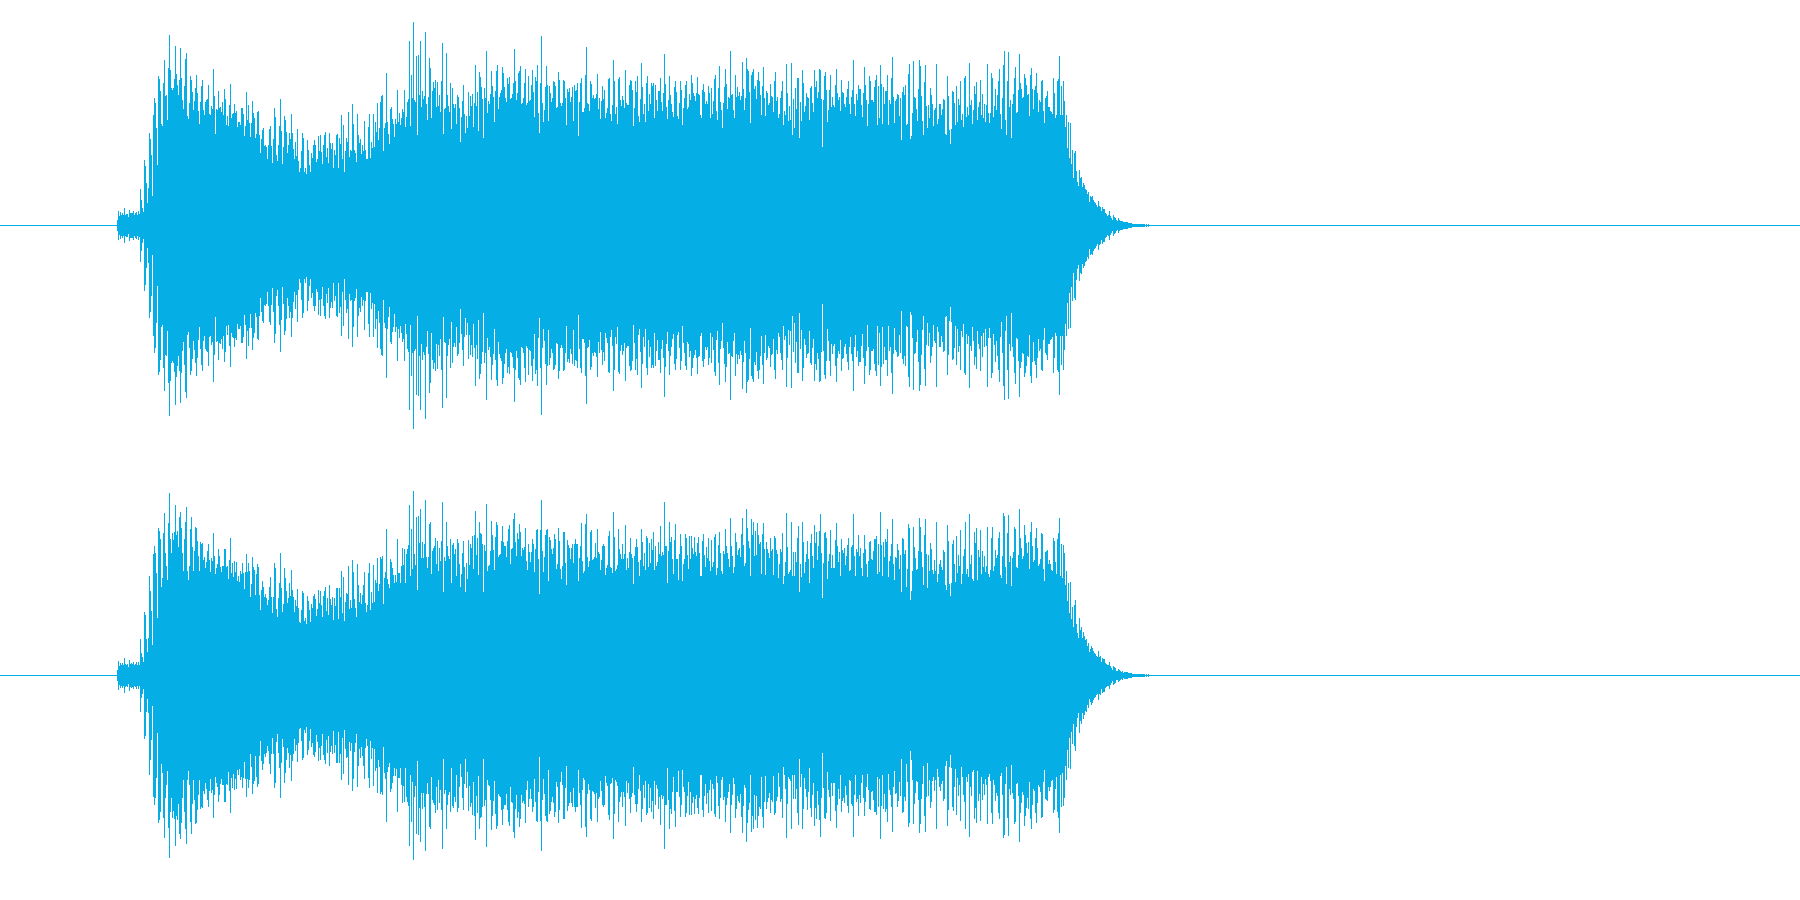 ギュイイイイン(高音の金切音)の再生済みの波形